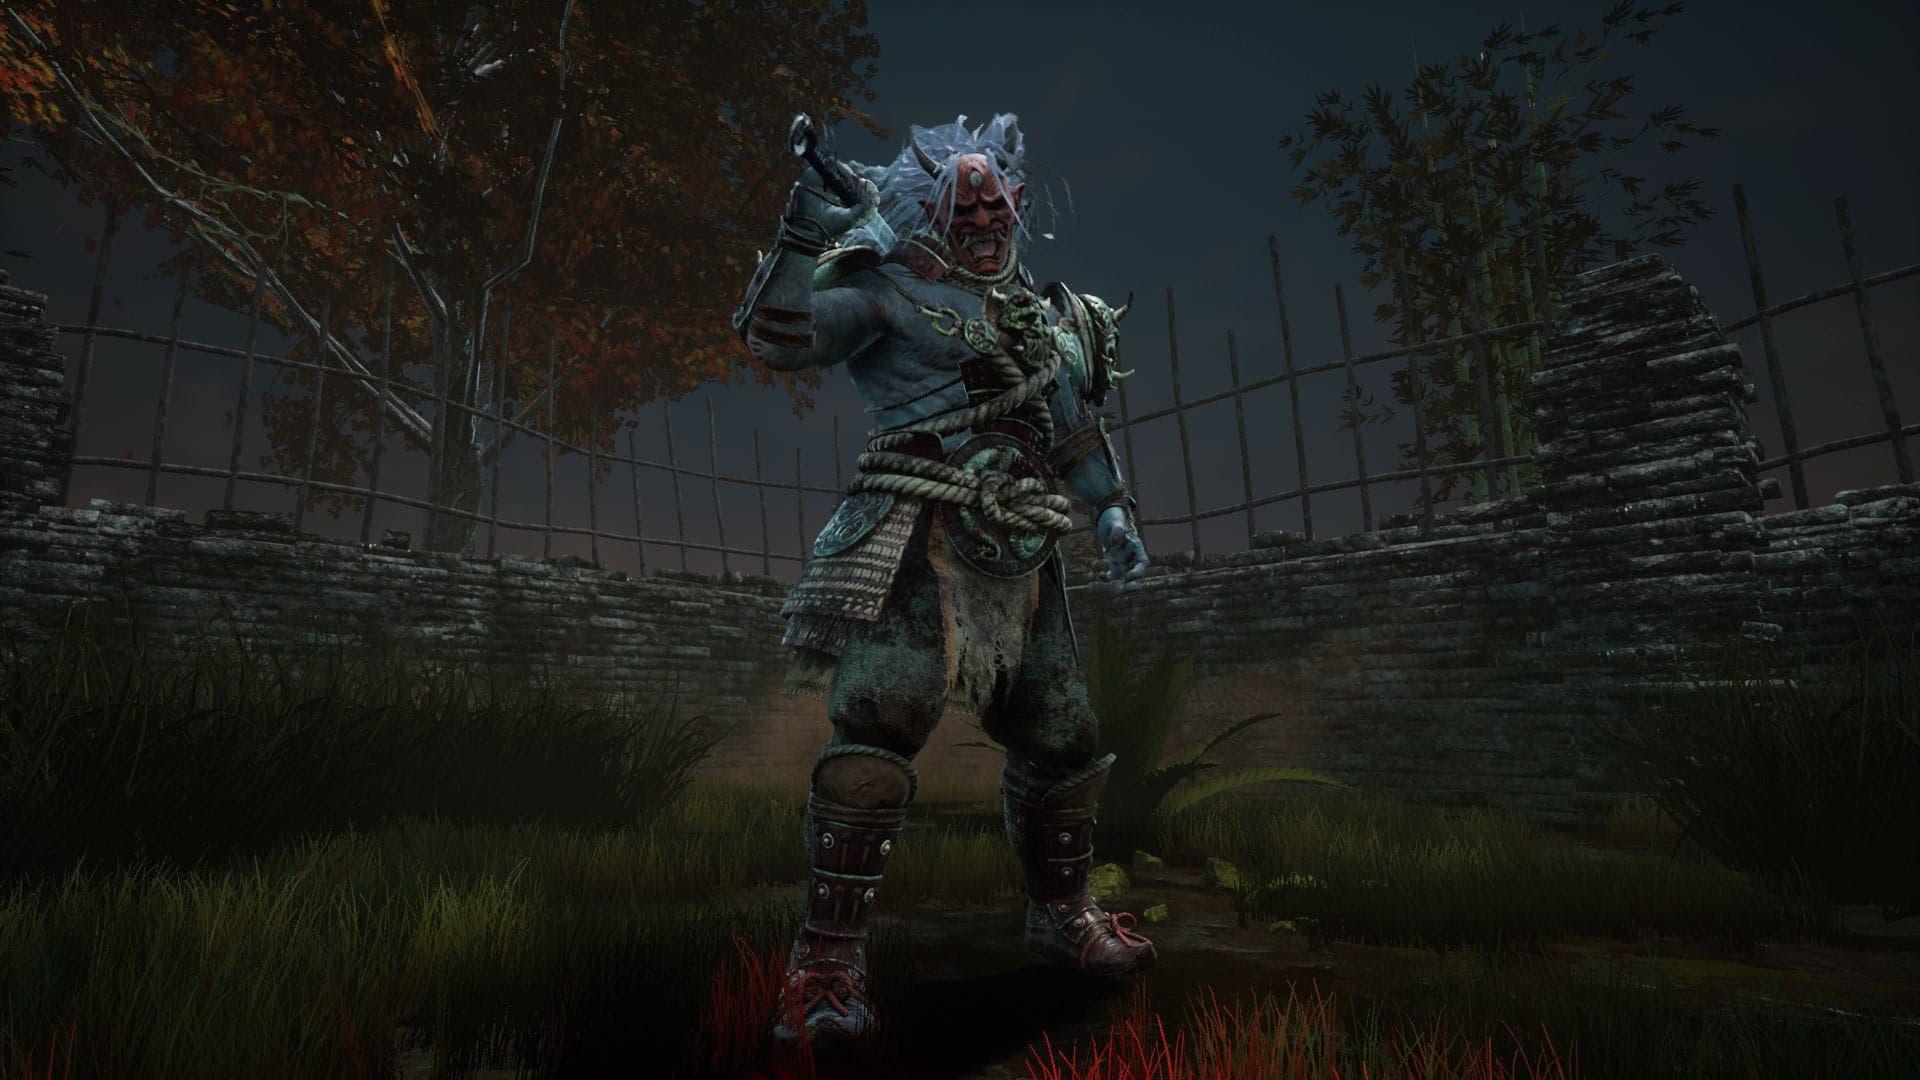 [Act.] Detallamos las habilidades de Oni-Yamaoka, el nuevo killer de Dead by Daylight